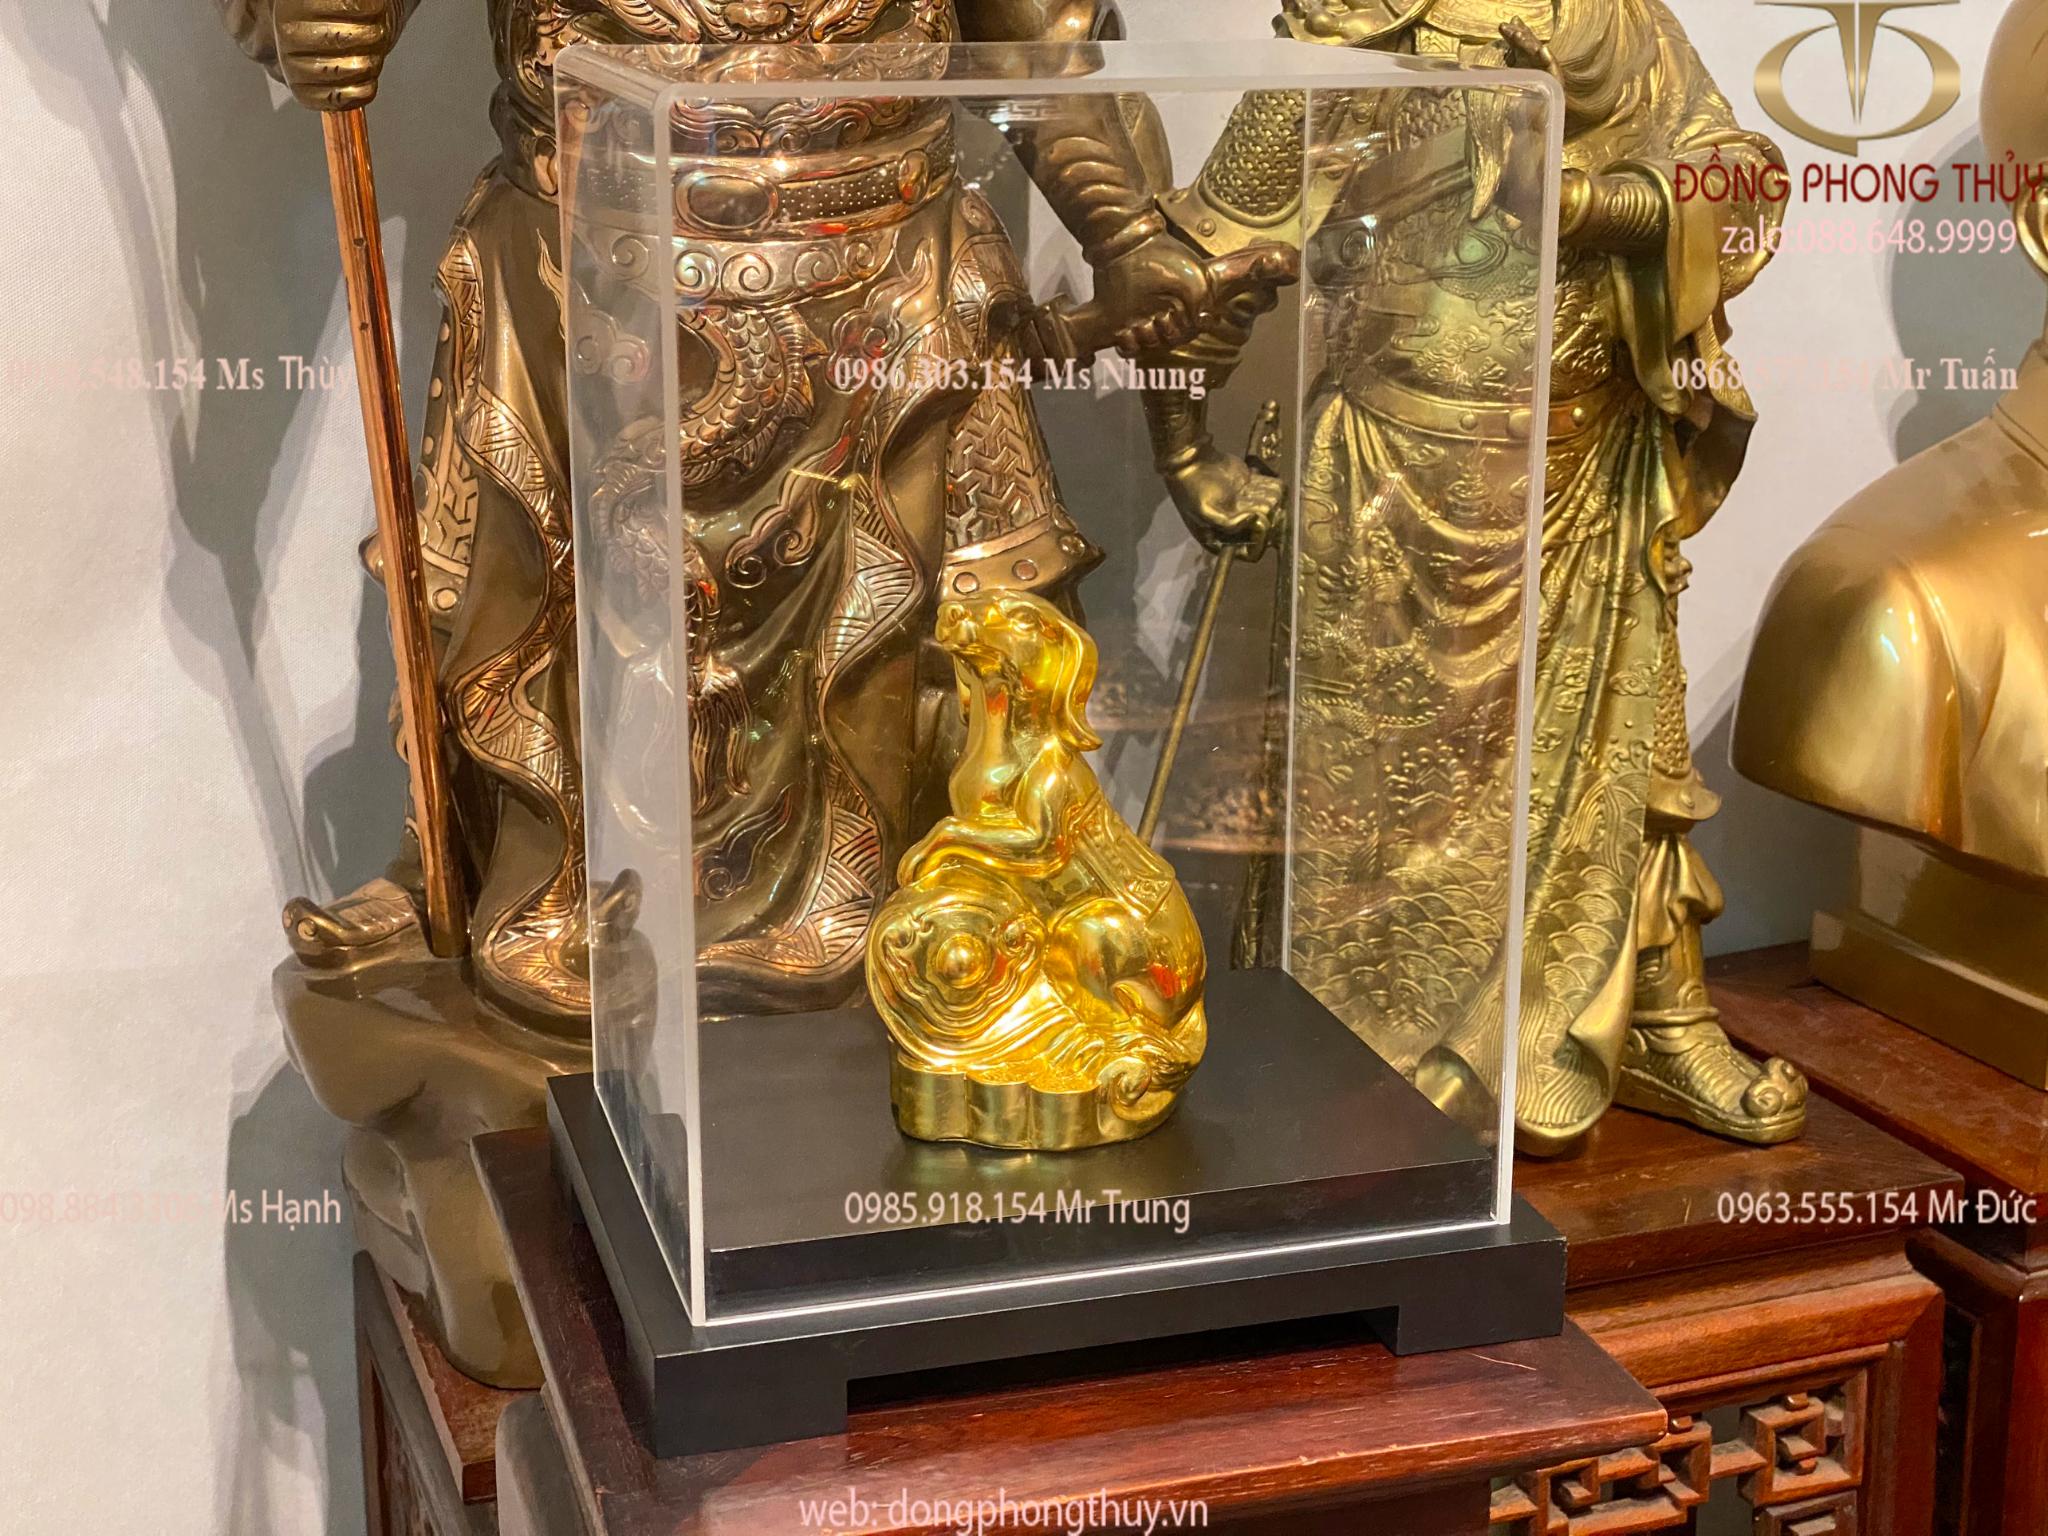 Quà tặng sếp: tượng chó bằng đồng dát vàng 24k